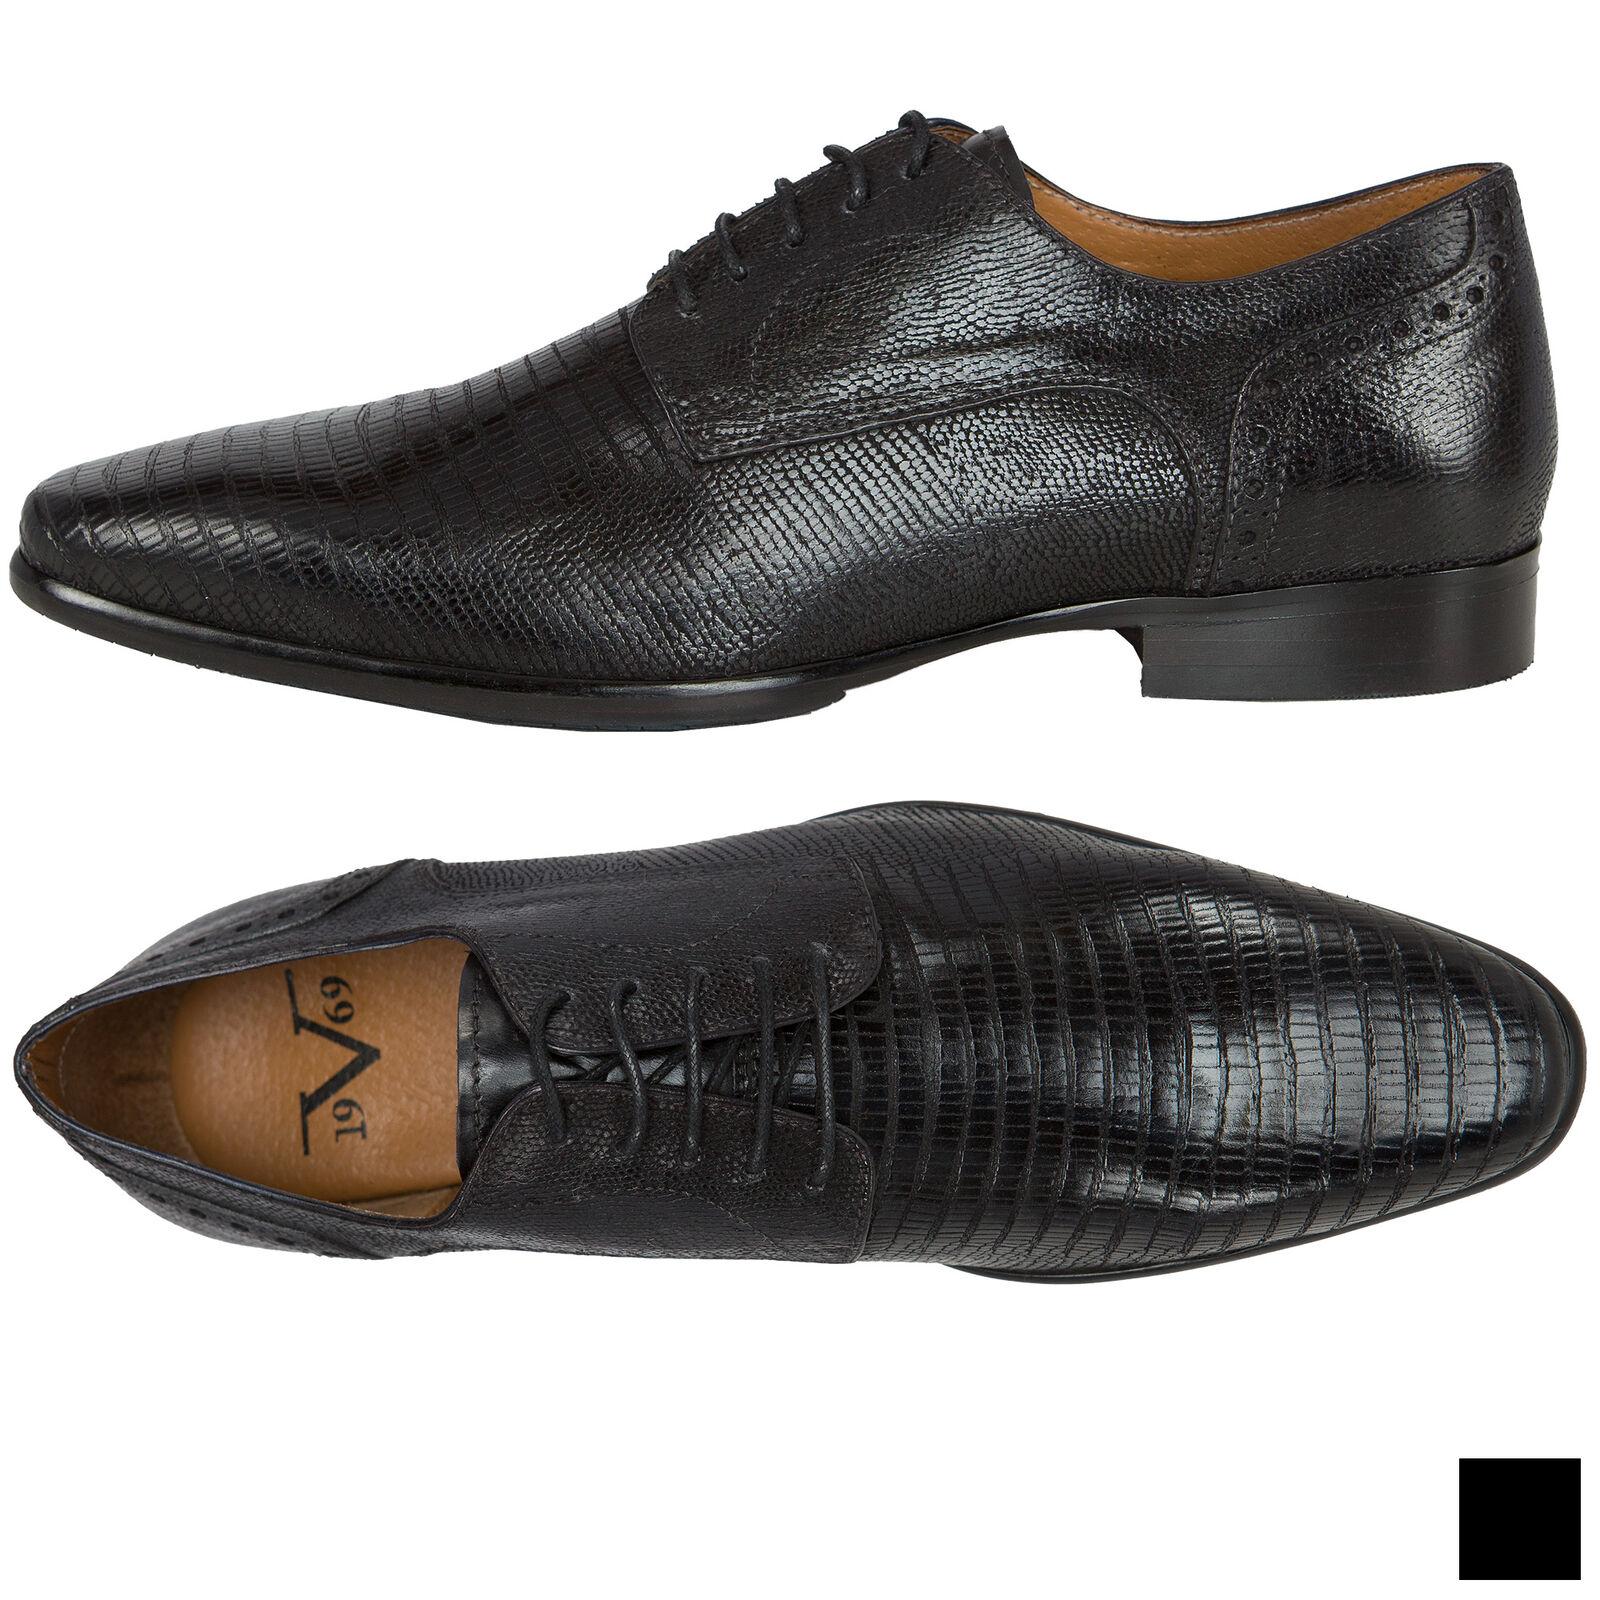 19V69 Versace 1969 Leder Business Schuhe, Herren (V47)